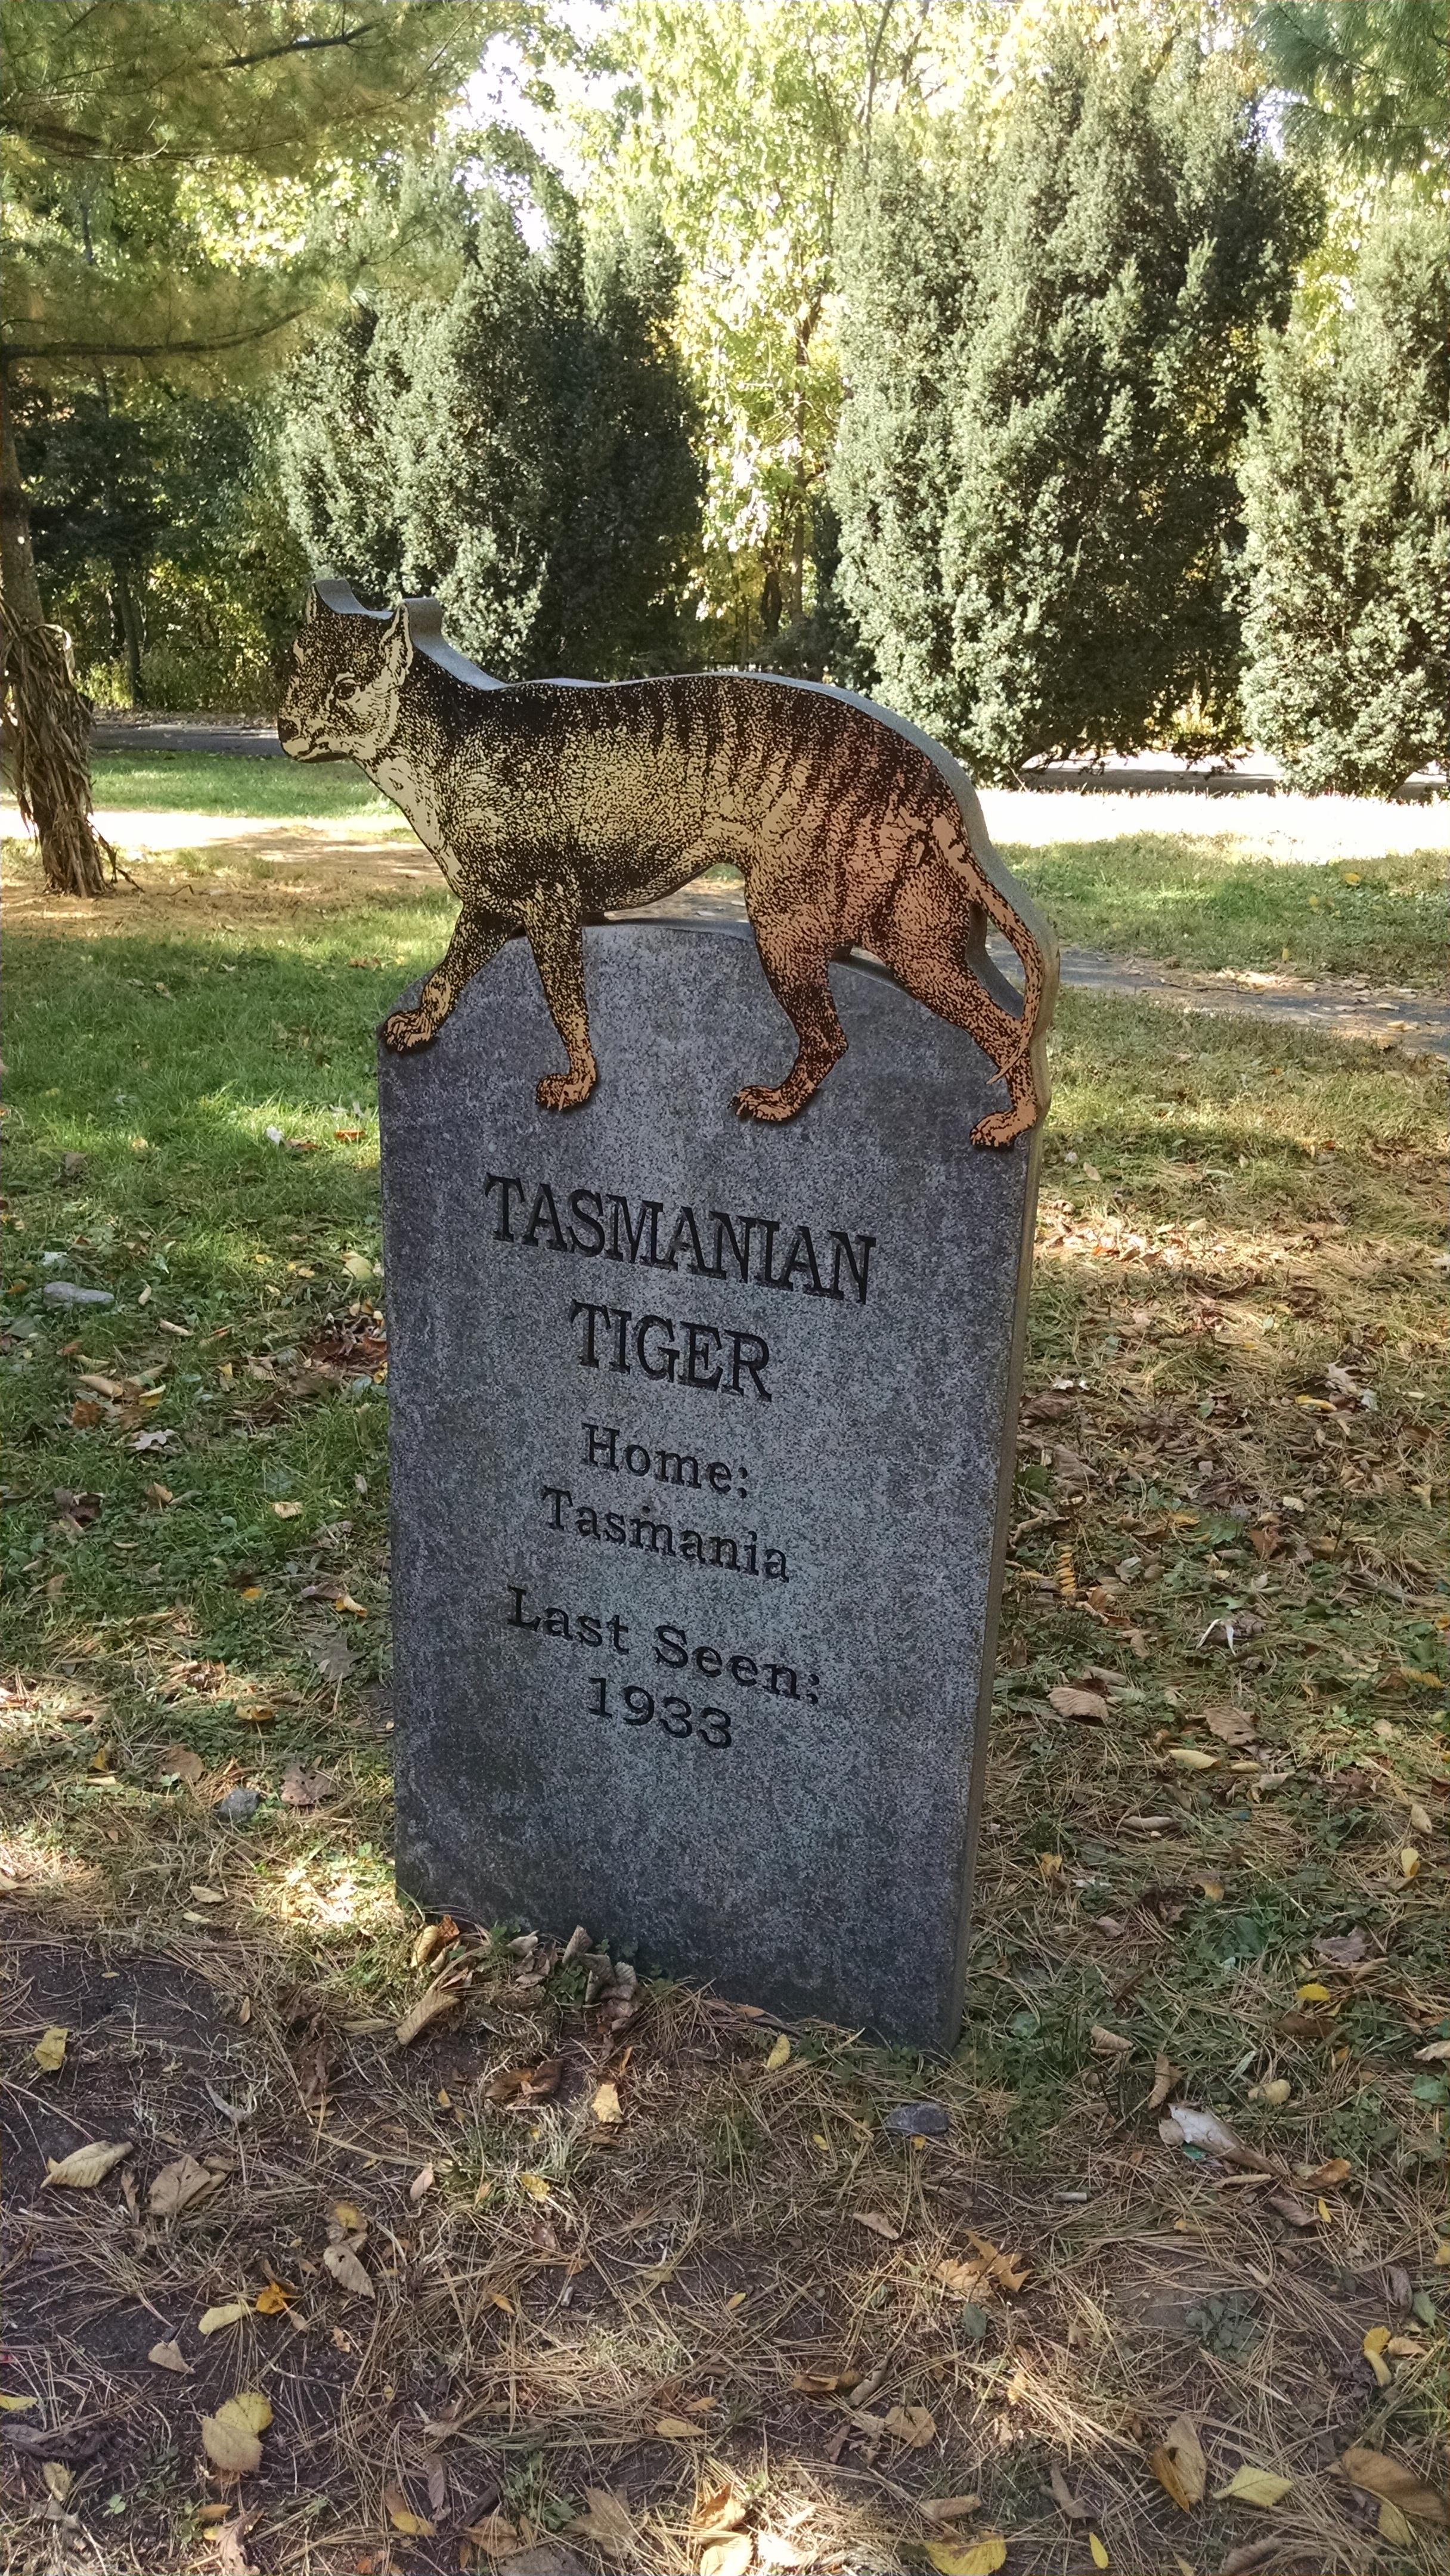 The Bronx Zoo S Extinct Species Graveyard Kristi Petersen Schoonover